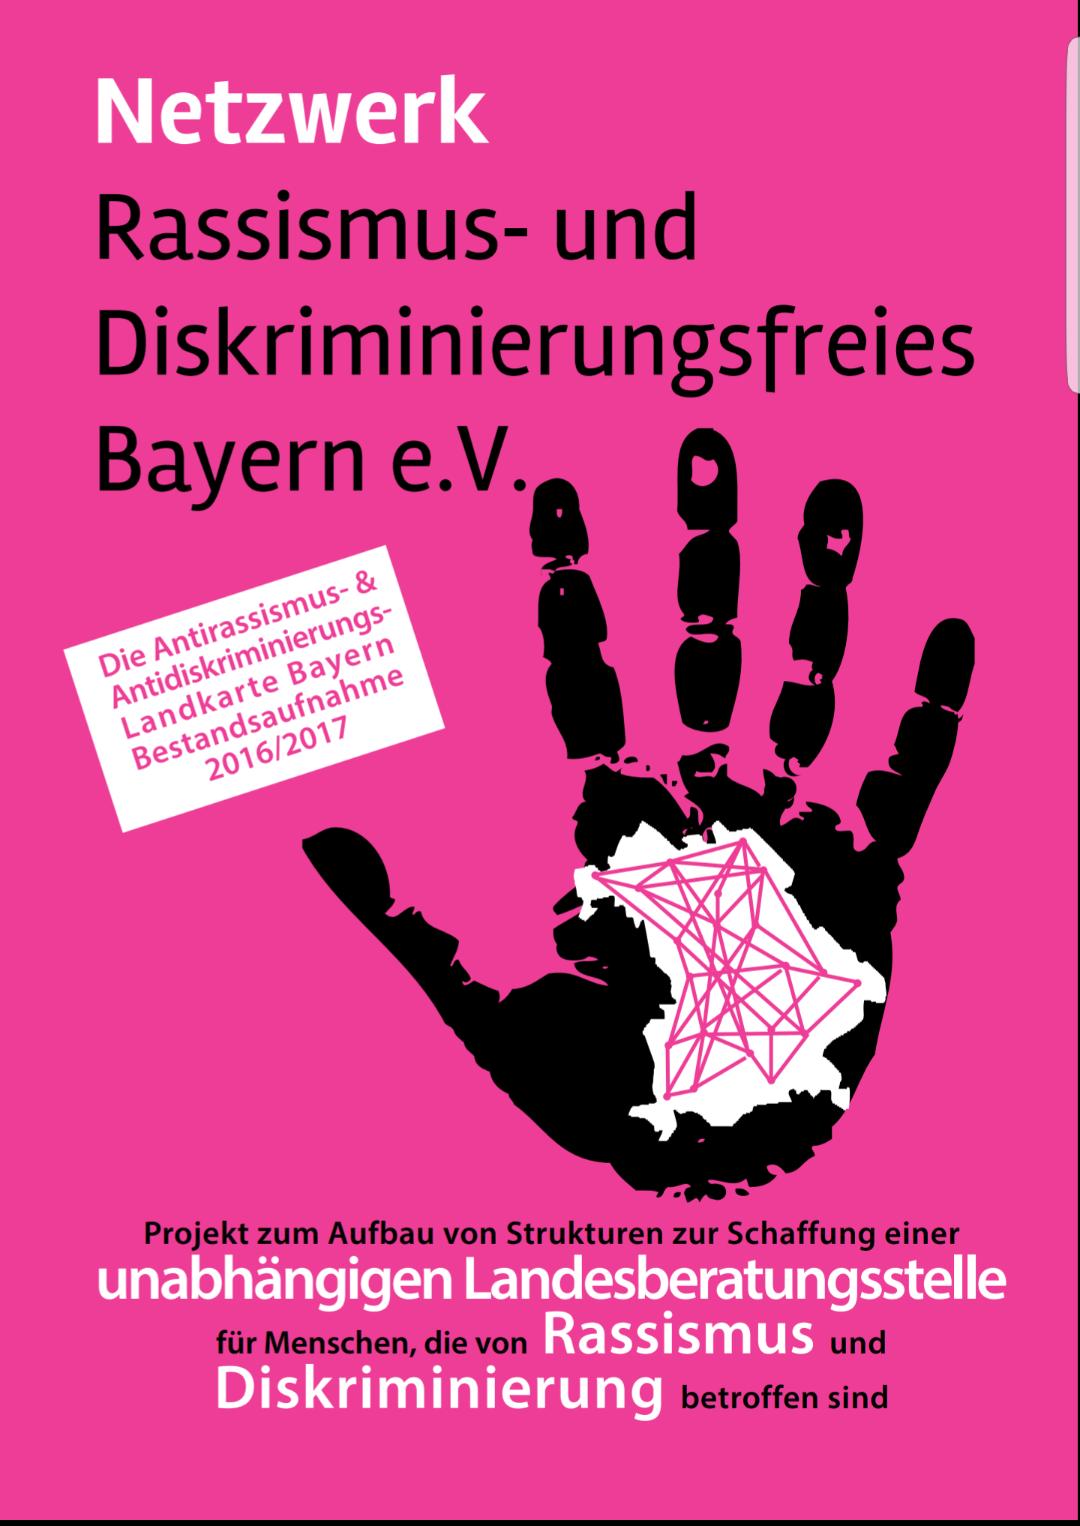 files/Netzwerk/P-Bericht.png